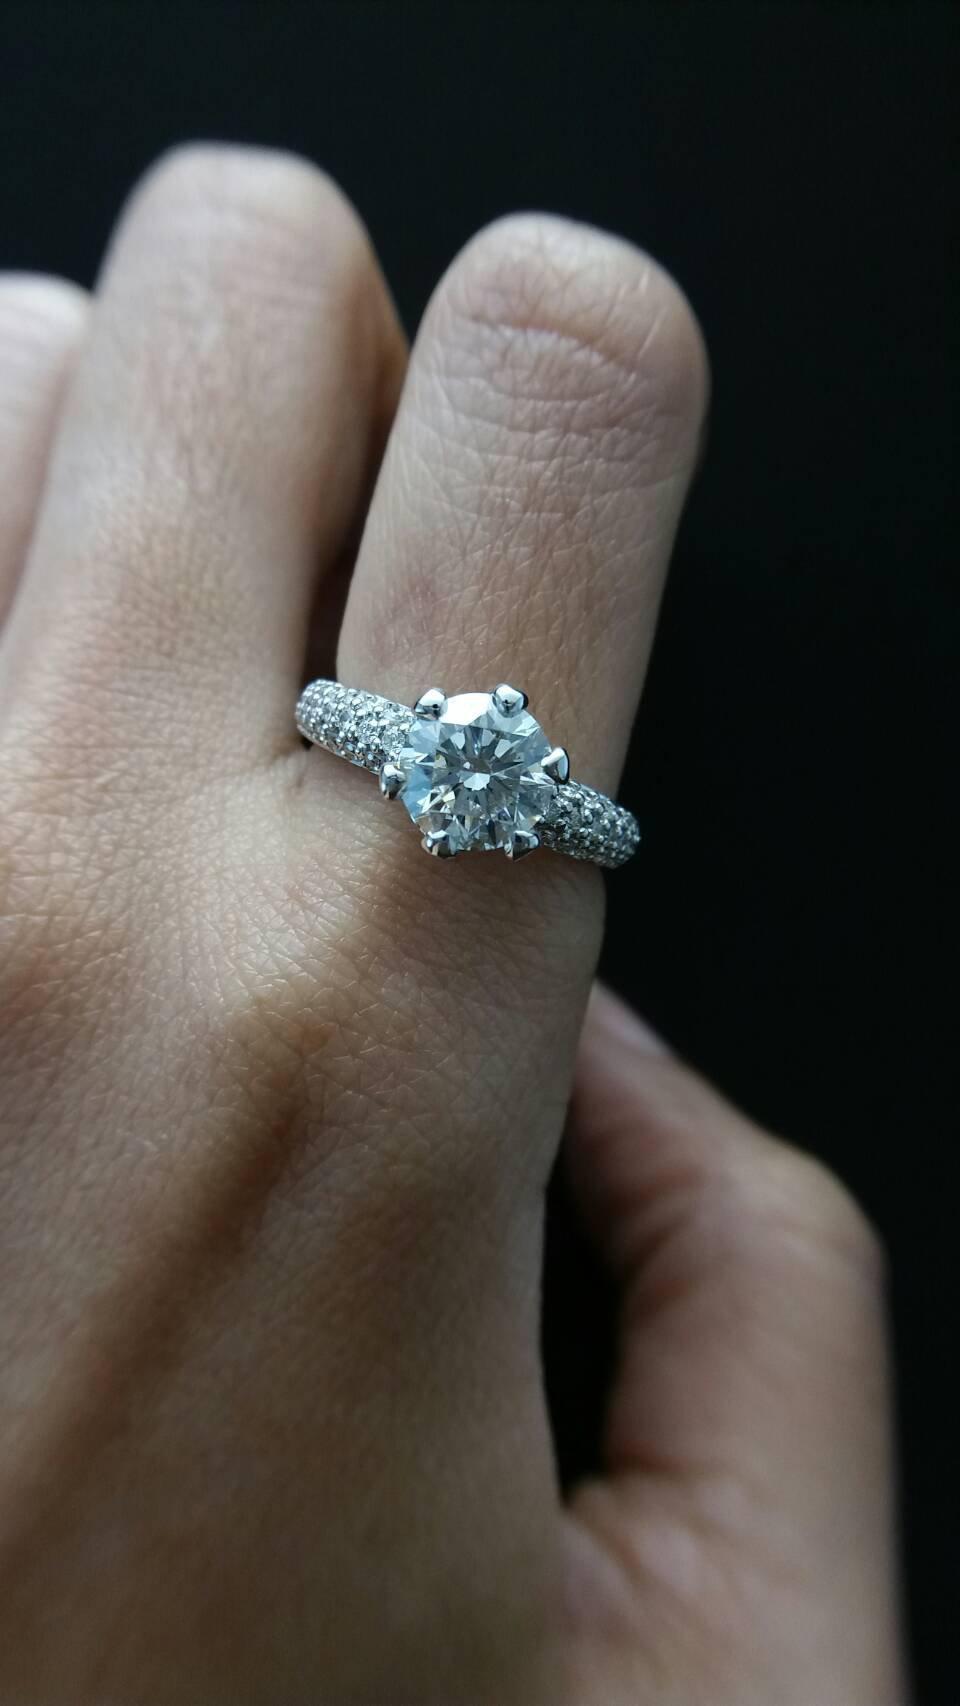 LINK SIAM แหวนเพชร แหวนคู่ แหวนหมั้น รูปที่ 1